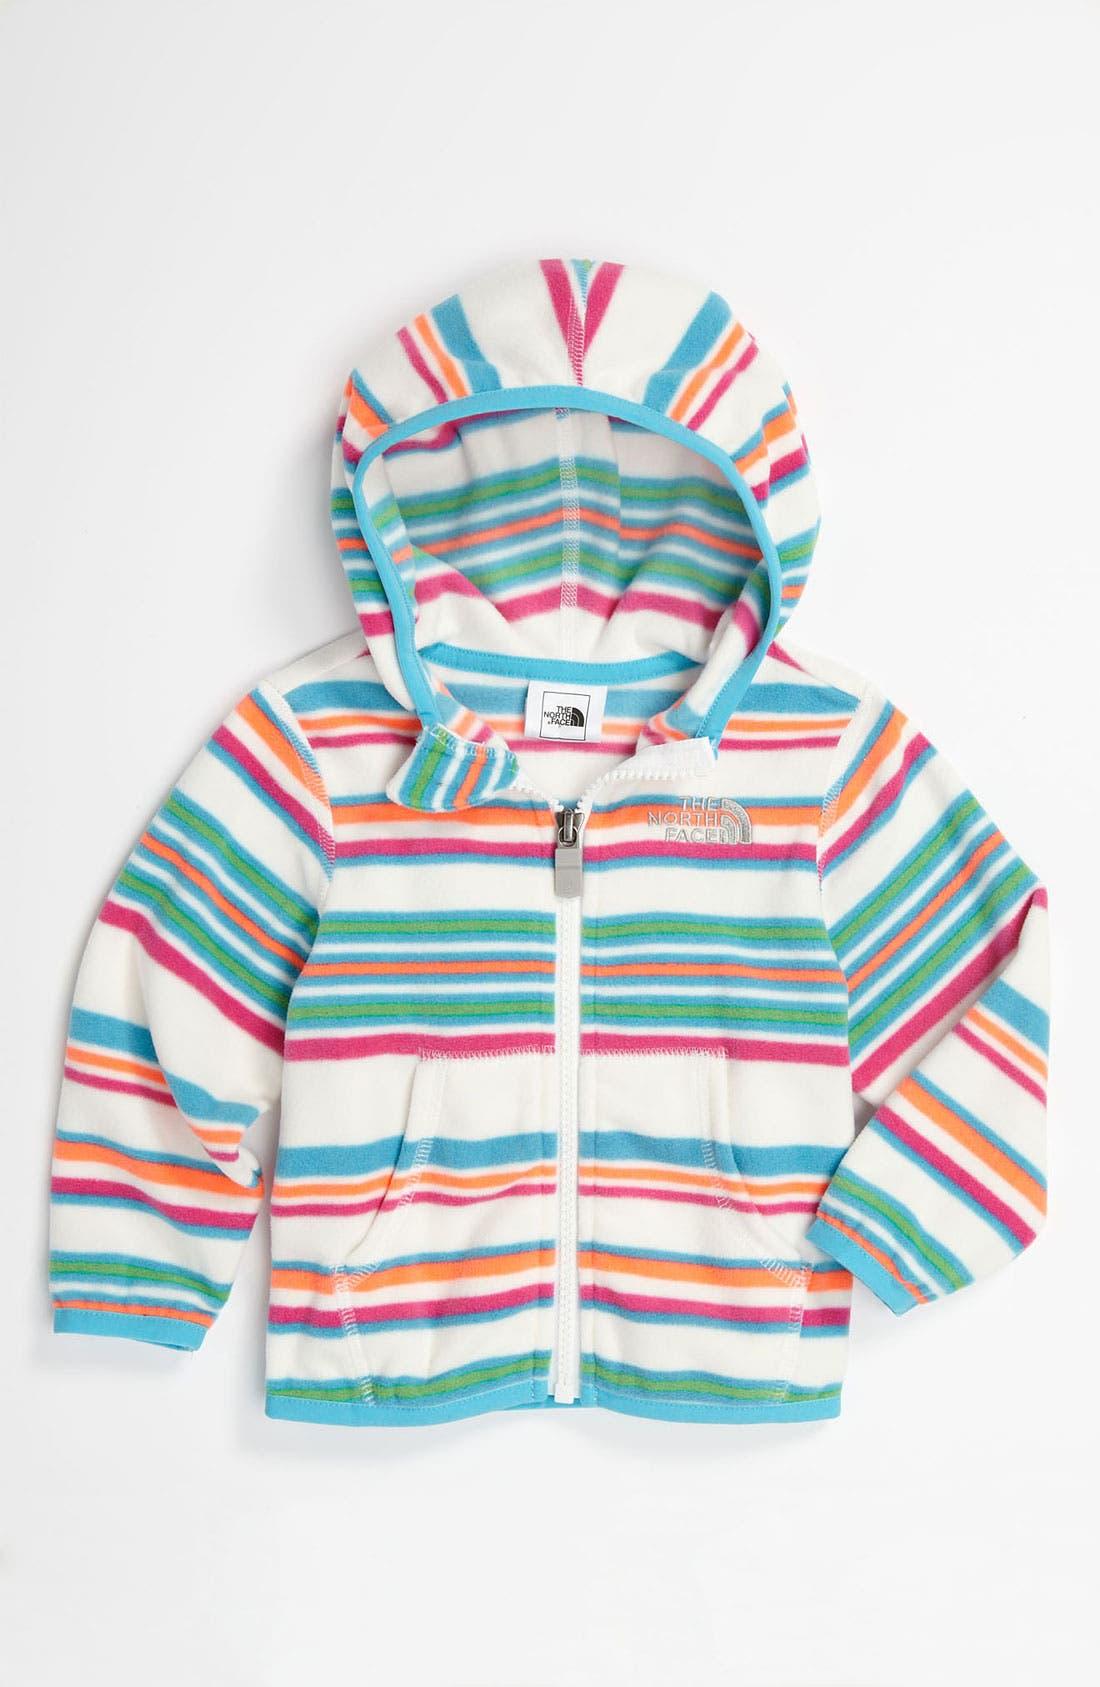 Main Image - The North Face 'Glacier' Fleece Jacket (Baby)